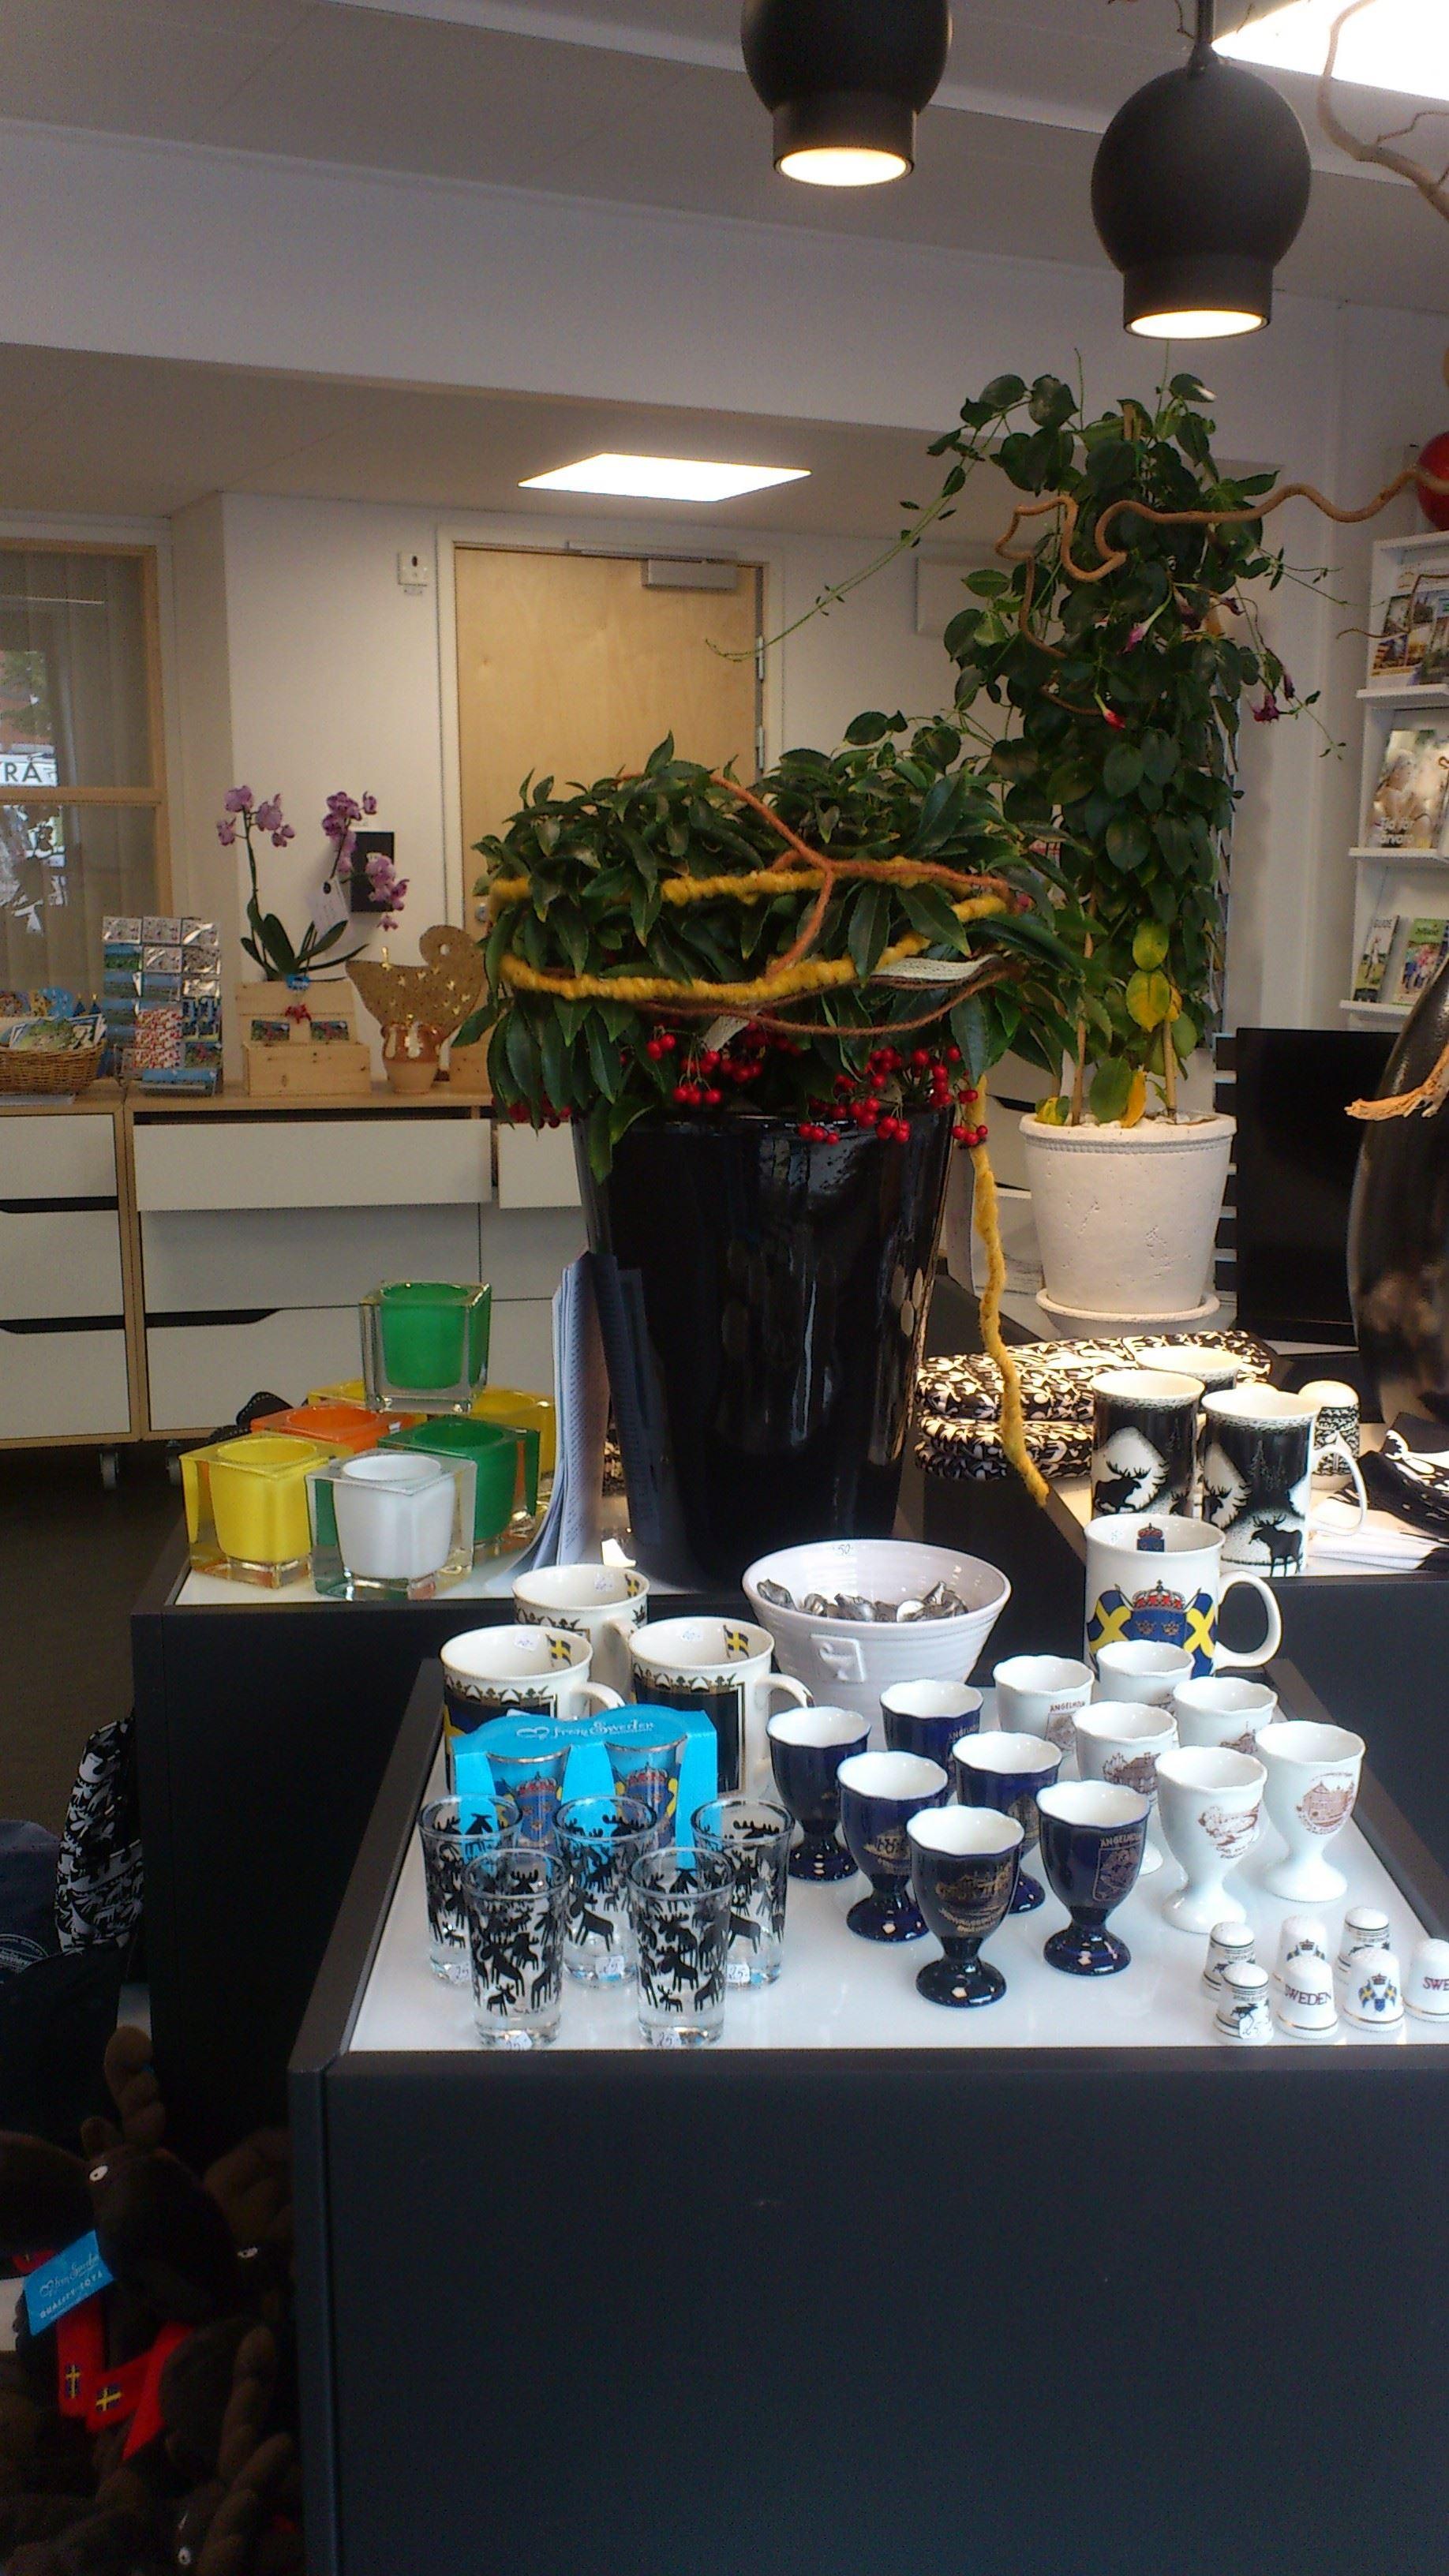 The Tourist Center's souvenir shop